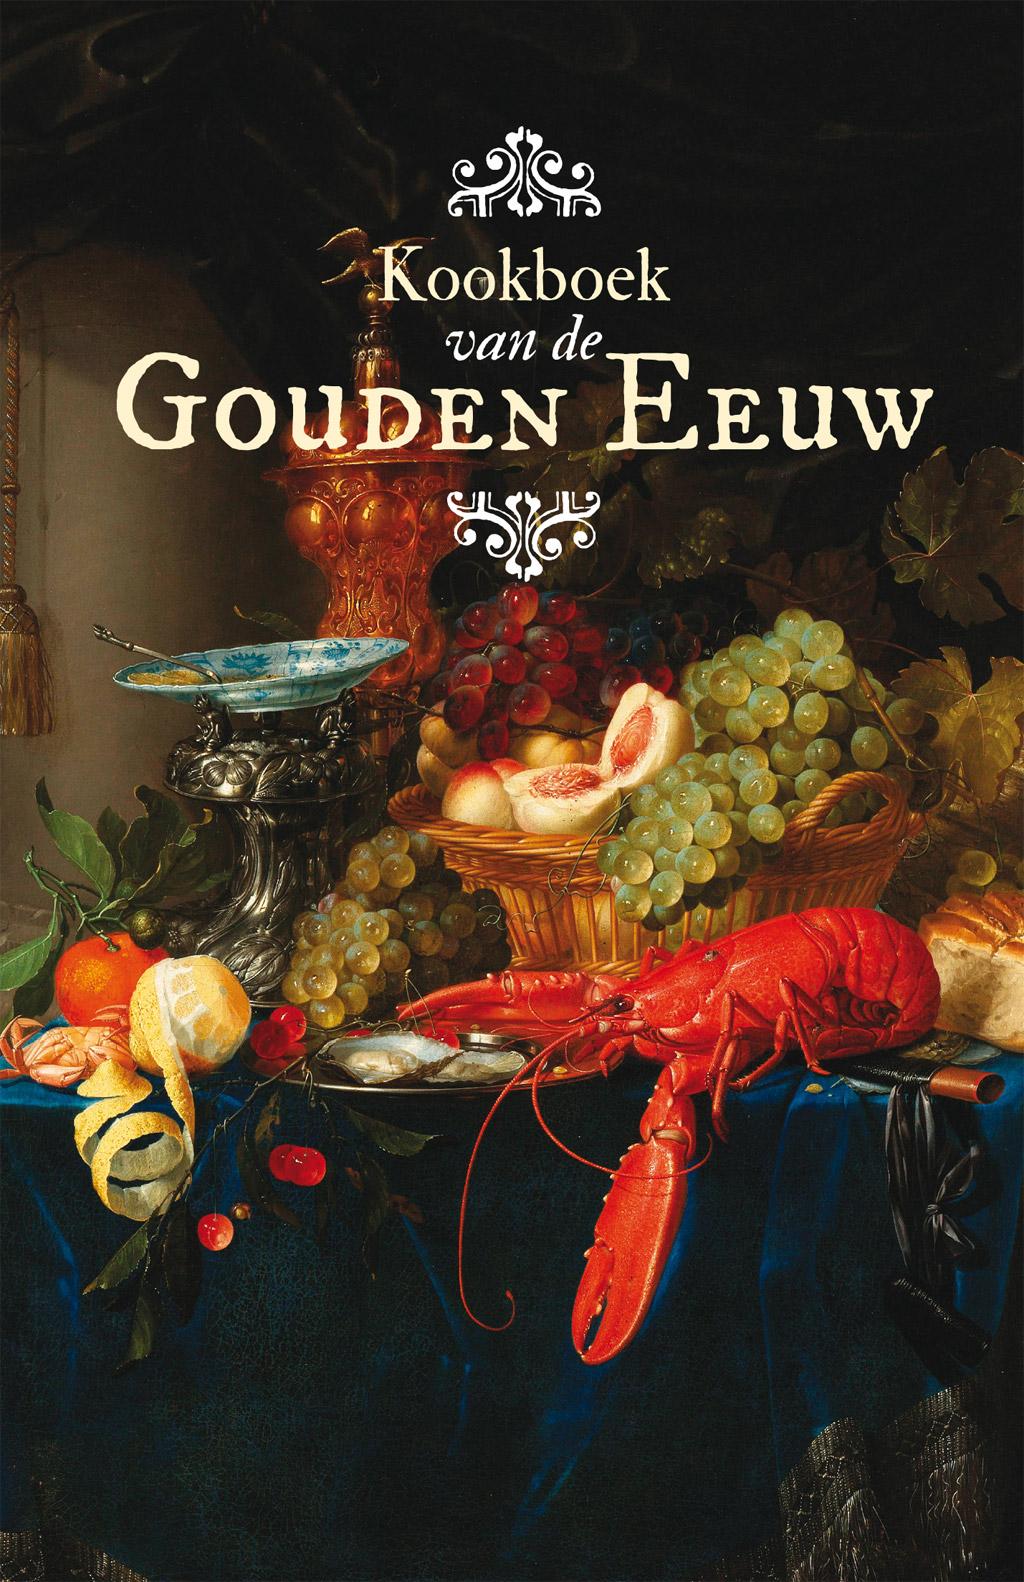 Kookboek van de Gouden Eeuw - Cover